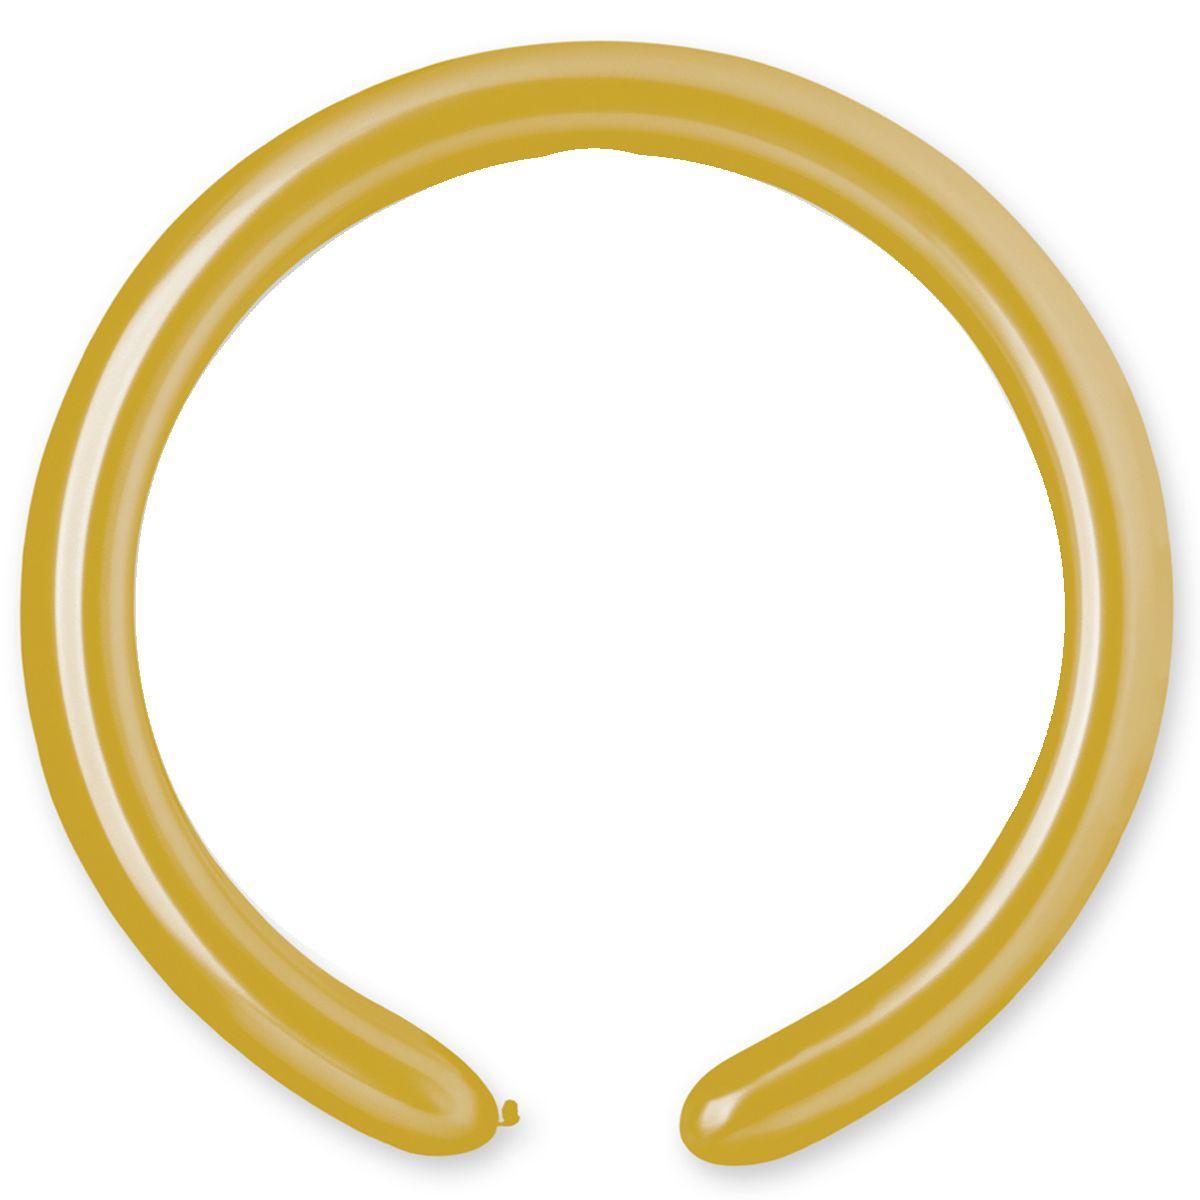 Шары ШДМ (260-2/74 металлик сатин золотой) D4